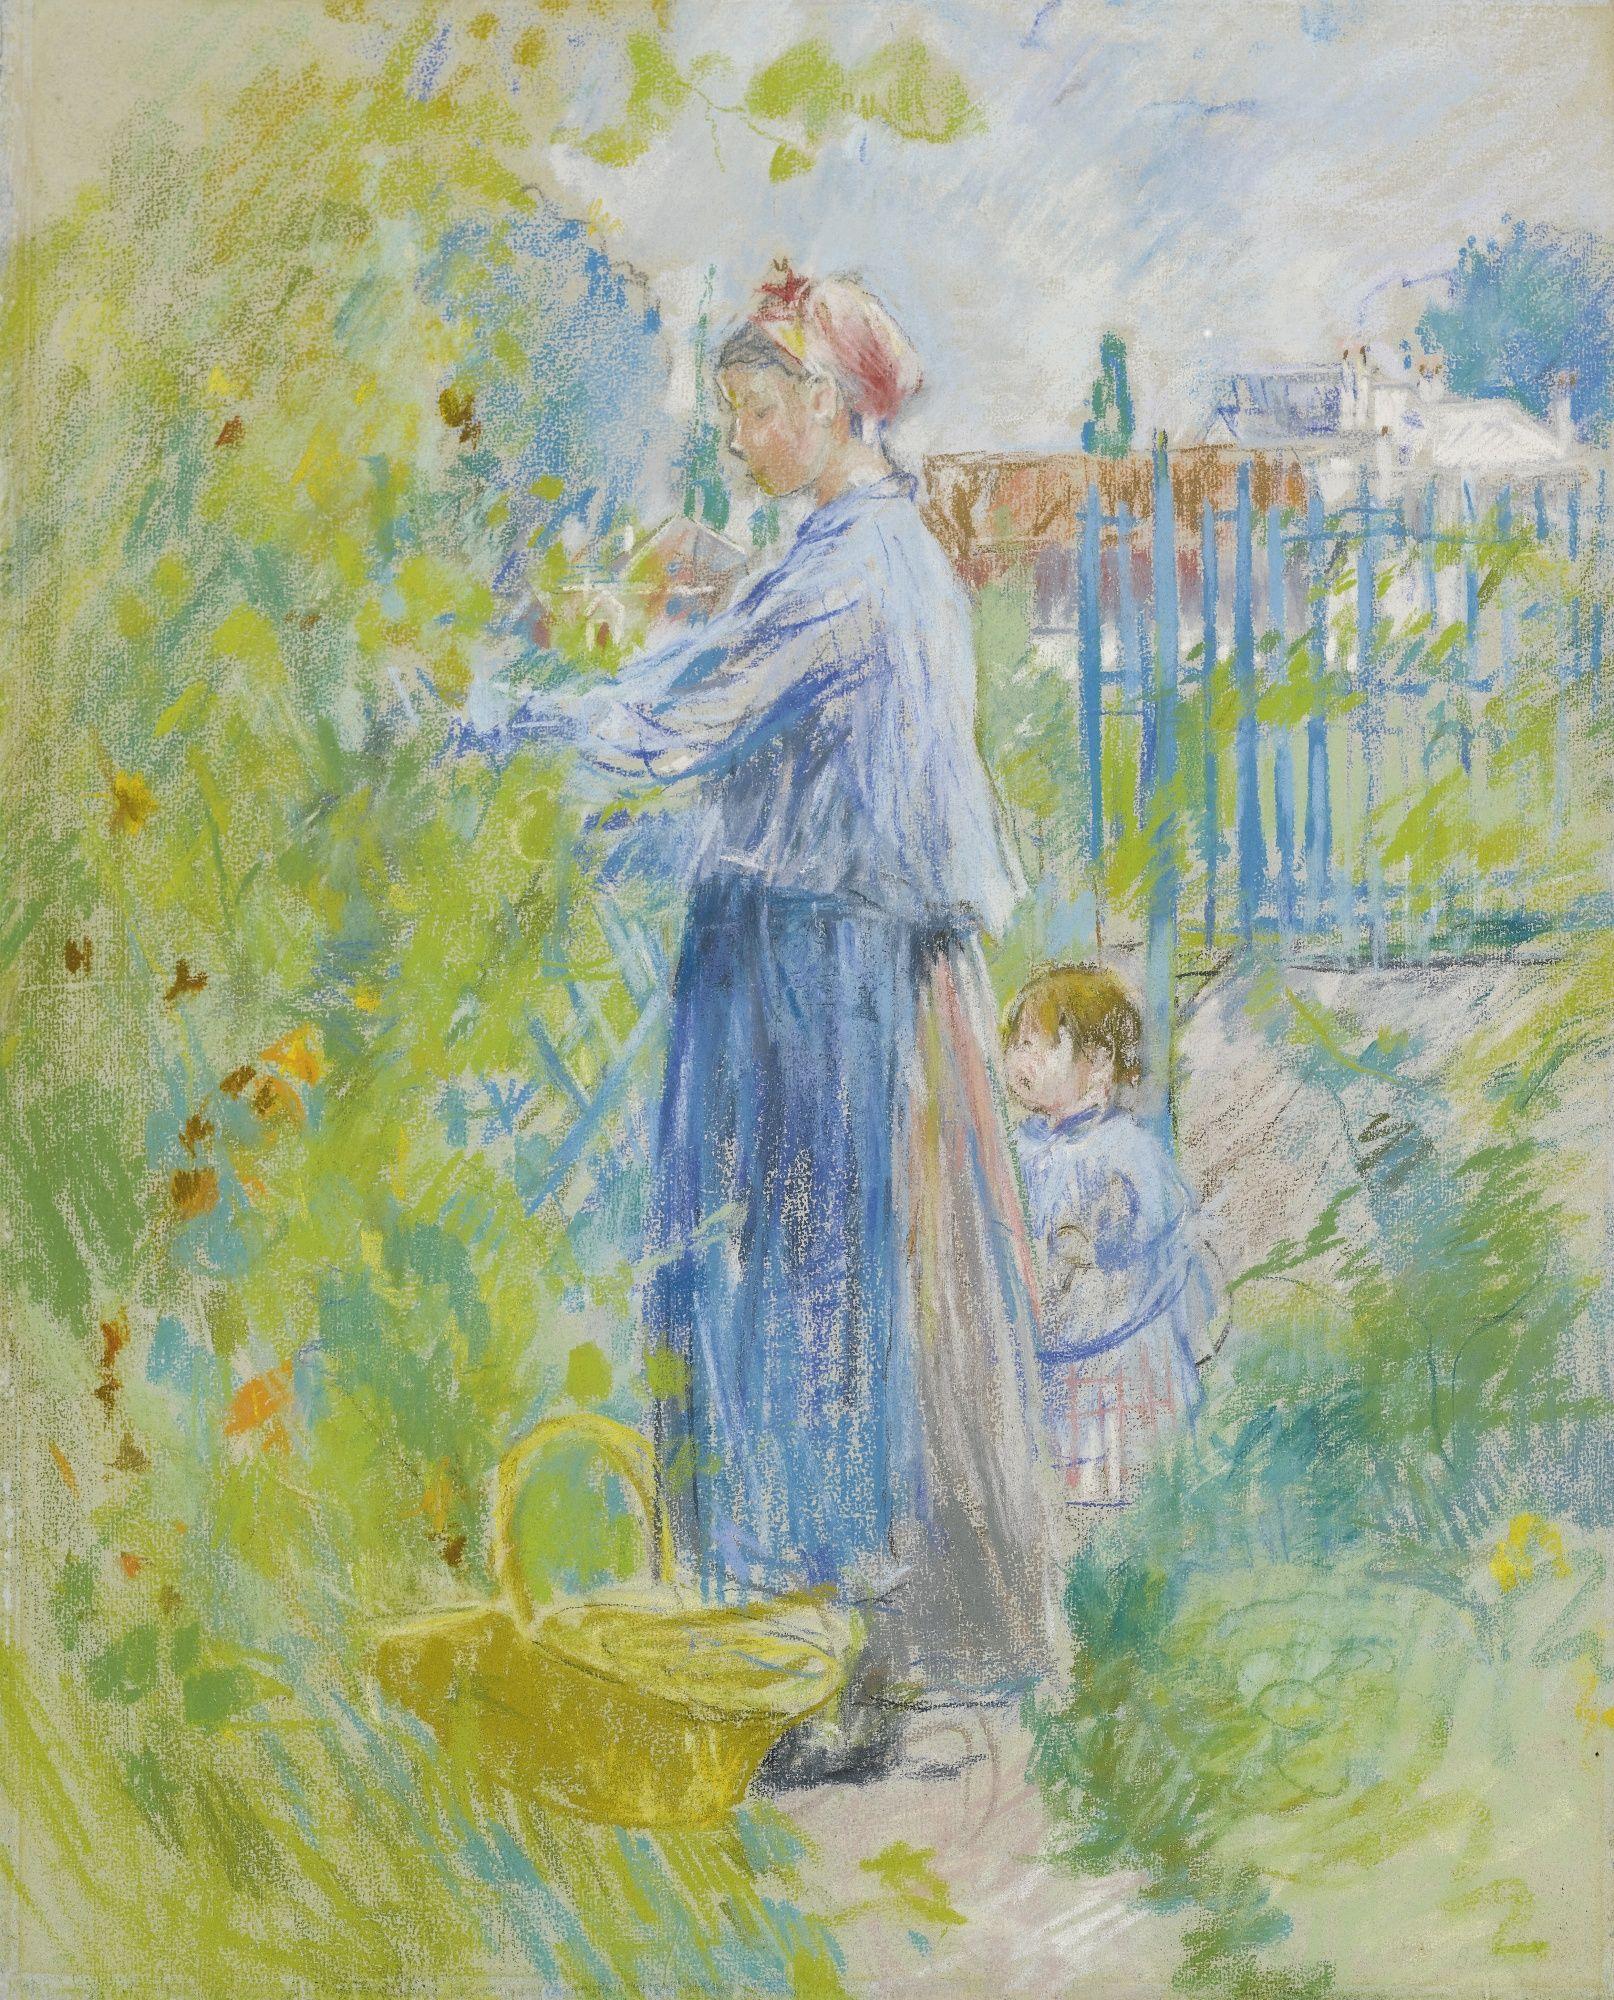 morisot, berthe les capucines | abstract | Berthe morisot, Morisot, Art